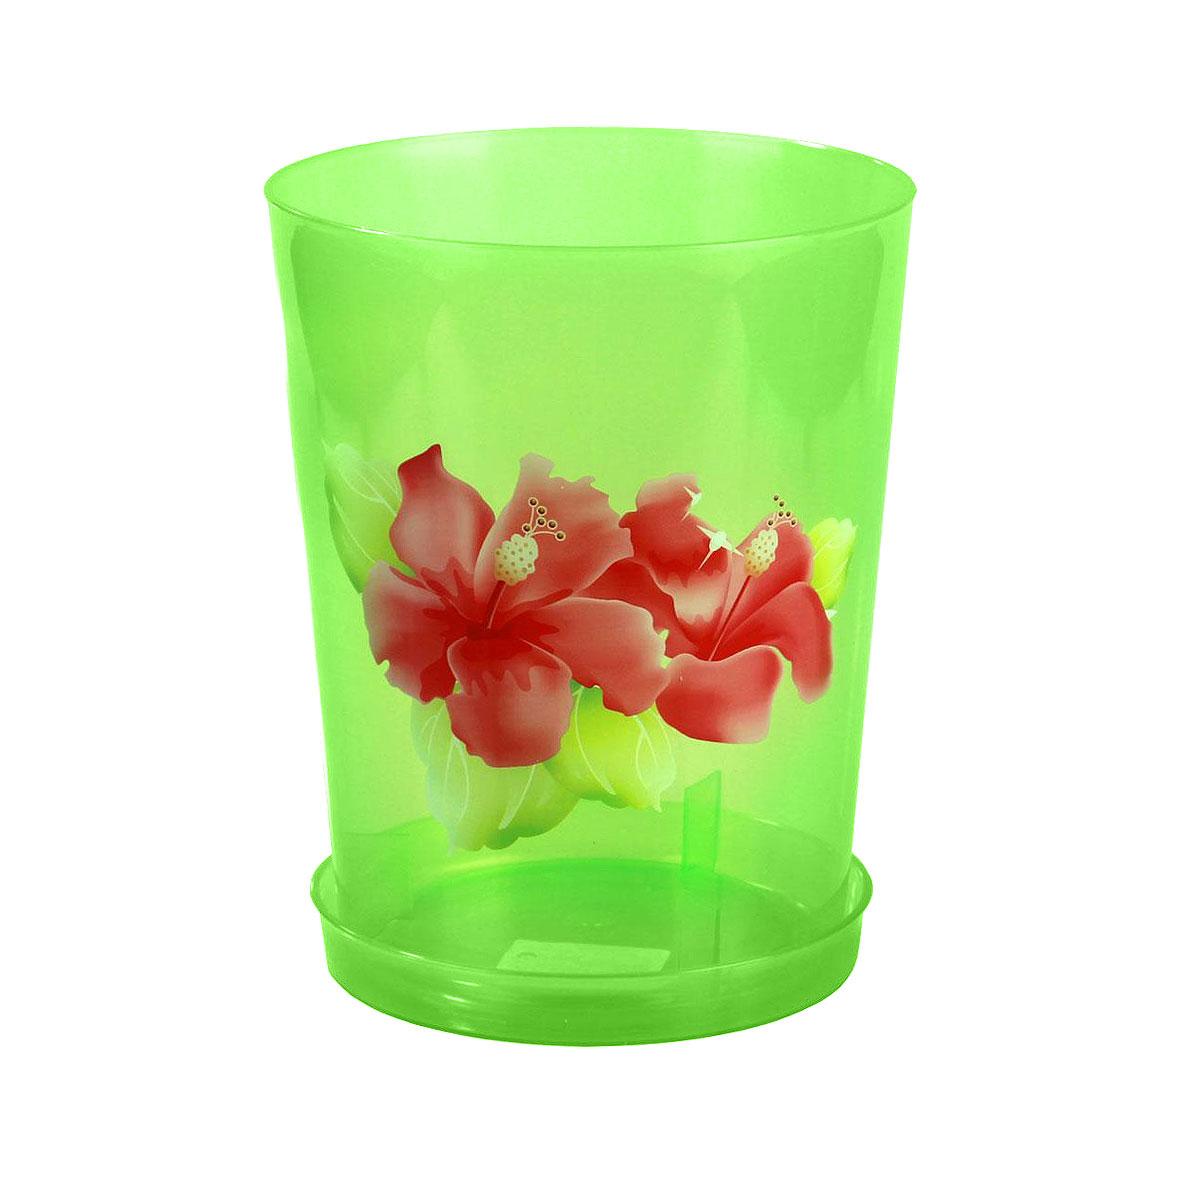 Горшок для орхидей Альтернатива, цвет: зеленый, 3,5 лL-0213Цветочный горшок Альтернатива выполнен из пластика и предназначен для выращивания в нем цветов, растений и трав.Такой горшок порадует вас современным дизайном и функциональностью, а также оригинально украсит интерьер помещения. К горшку прилагается поддон.